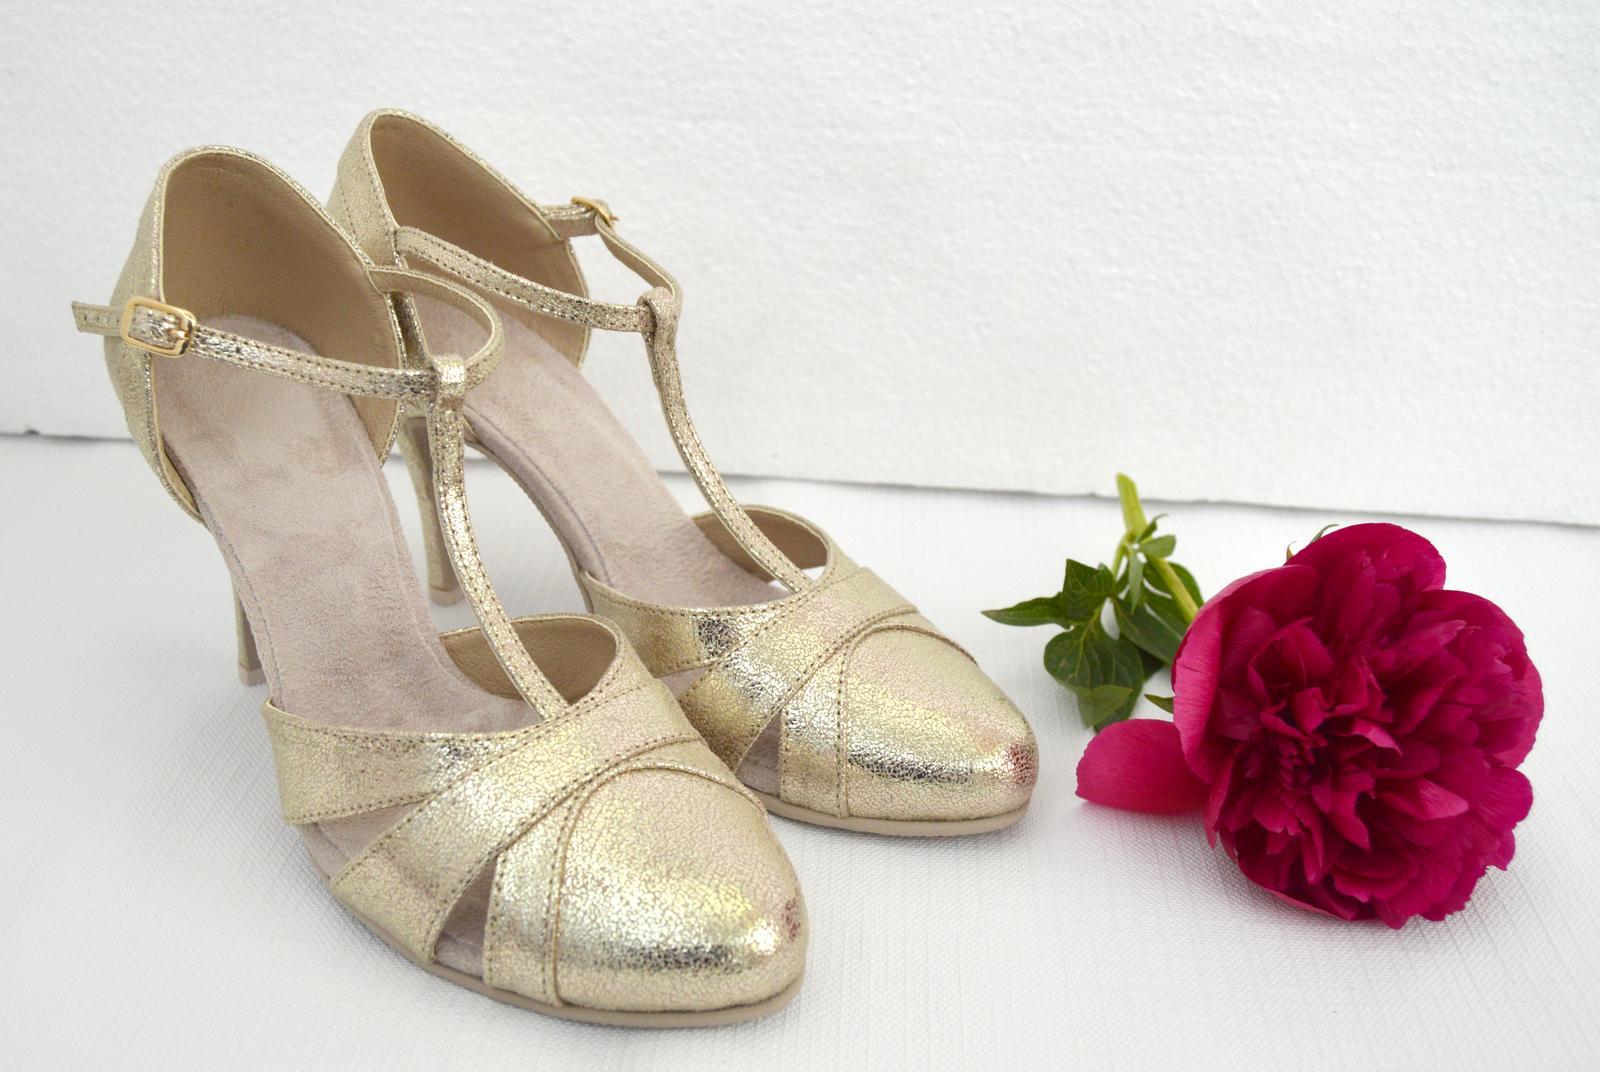 Svadobné topánky navrhni a uprav si ich podľa seba - inšpirácie zlatá - Zlaté svadobné topánky - model Marissa v tanečnom štýle, exkluzívna zlatá, úpravy podľa želania klientky